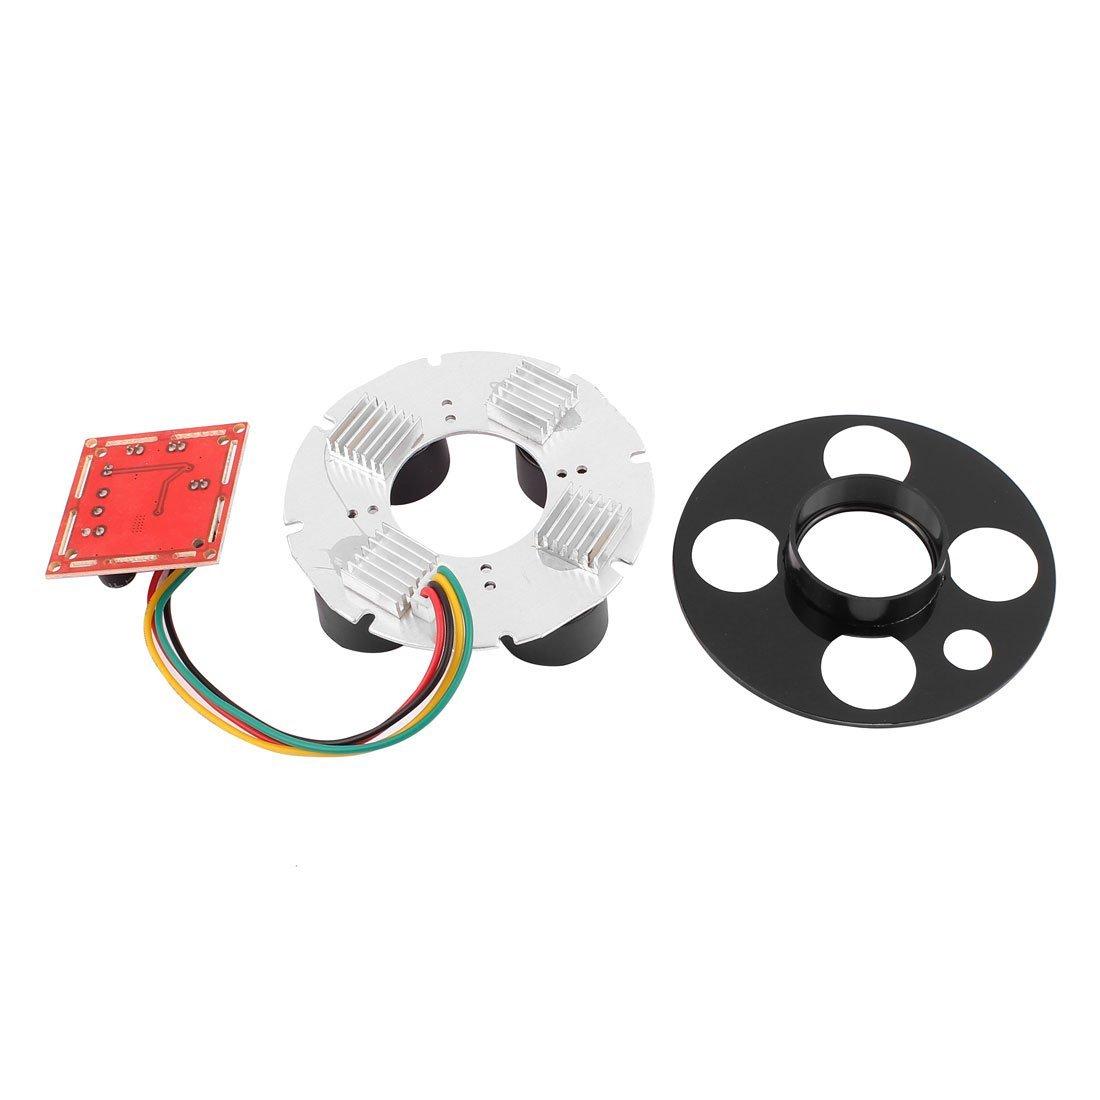 ... eDealMax matriz 4 Módulo Junta alta potencia de luz de infrarrojos IR LED Para la cámara de circuito cerrado de televisión w Cubierta: Electronics